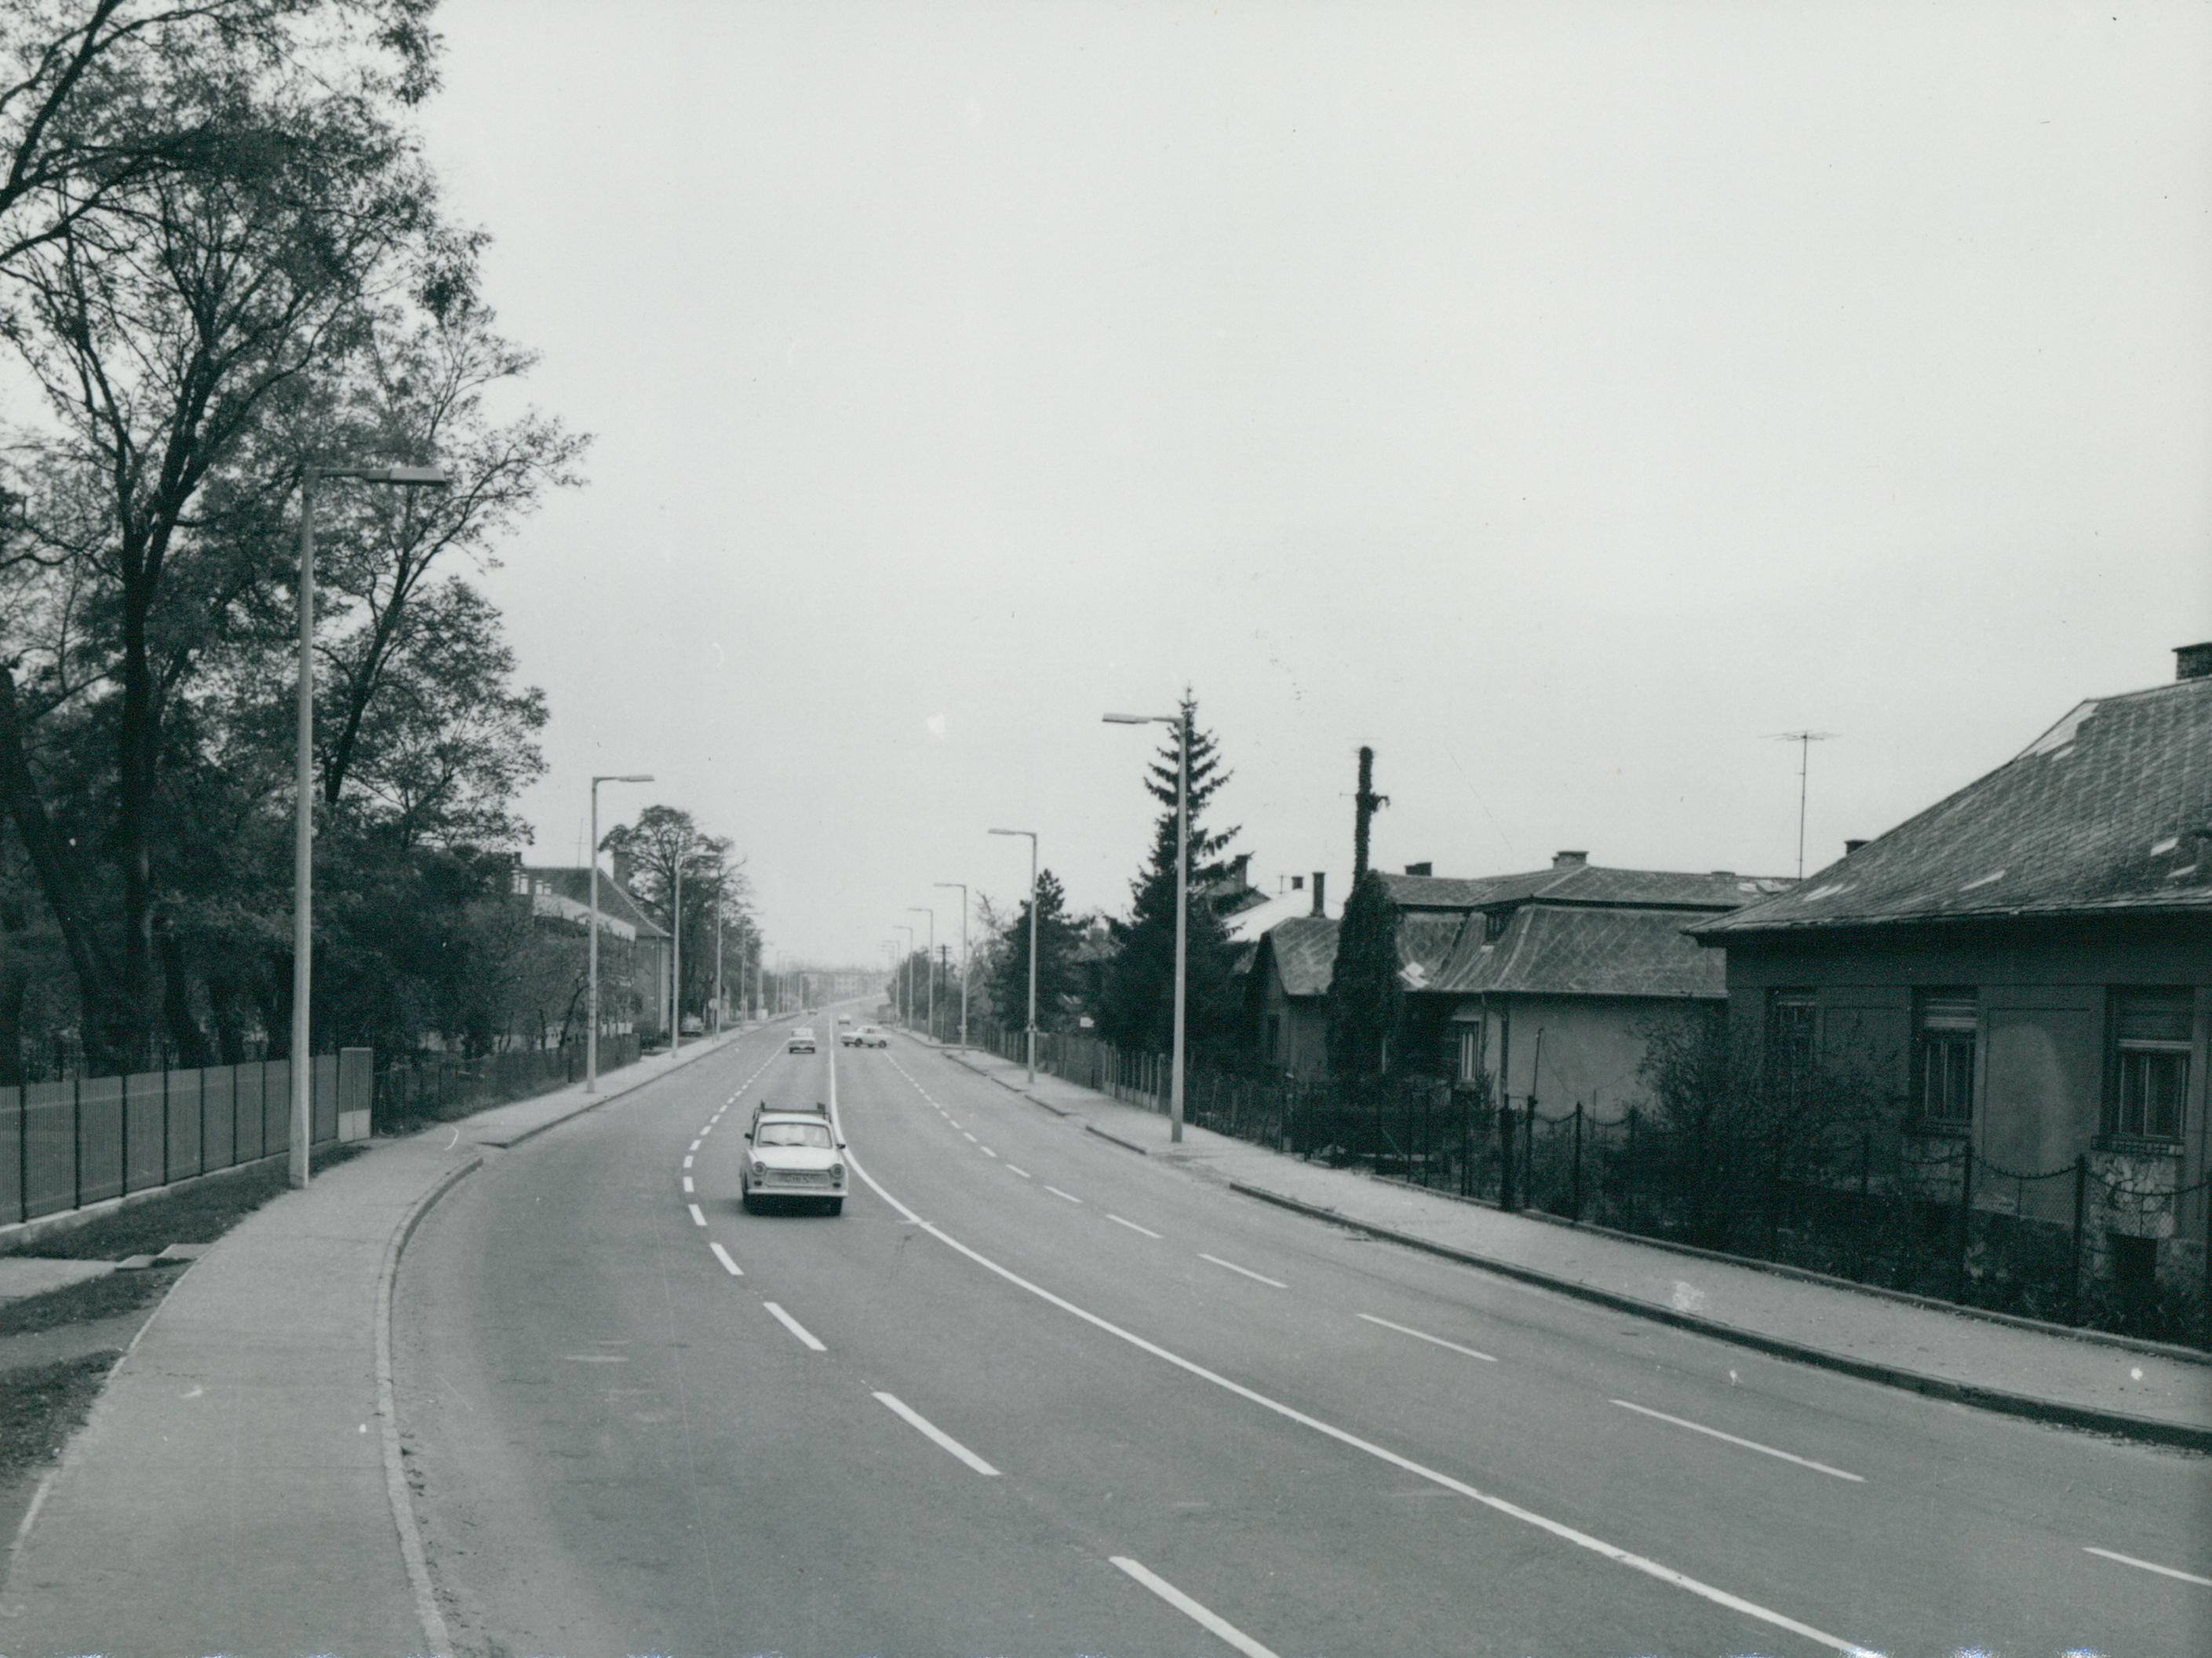 A 4-es főút Debrecenben